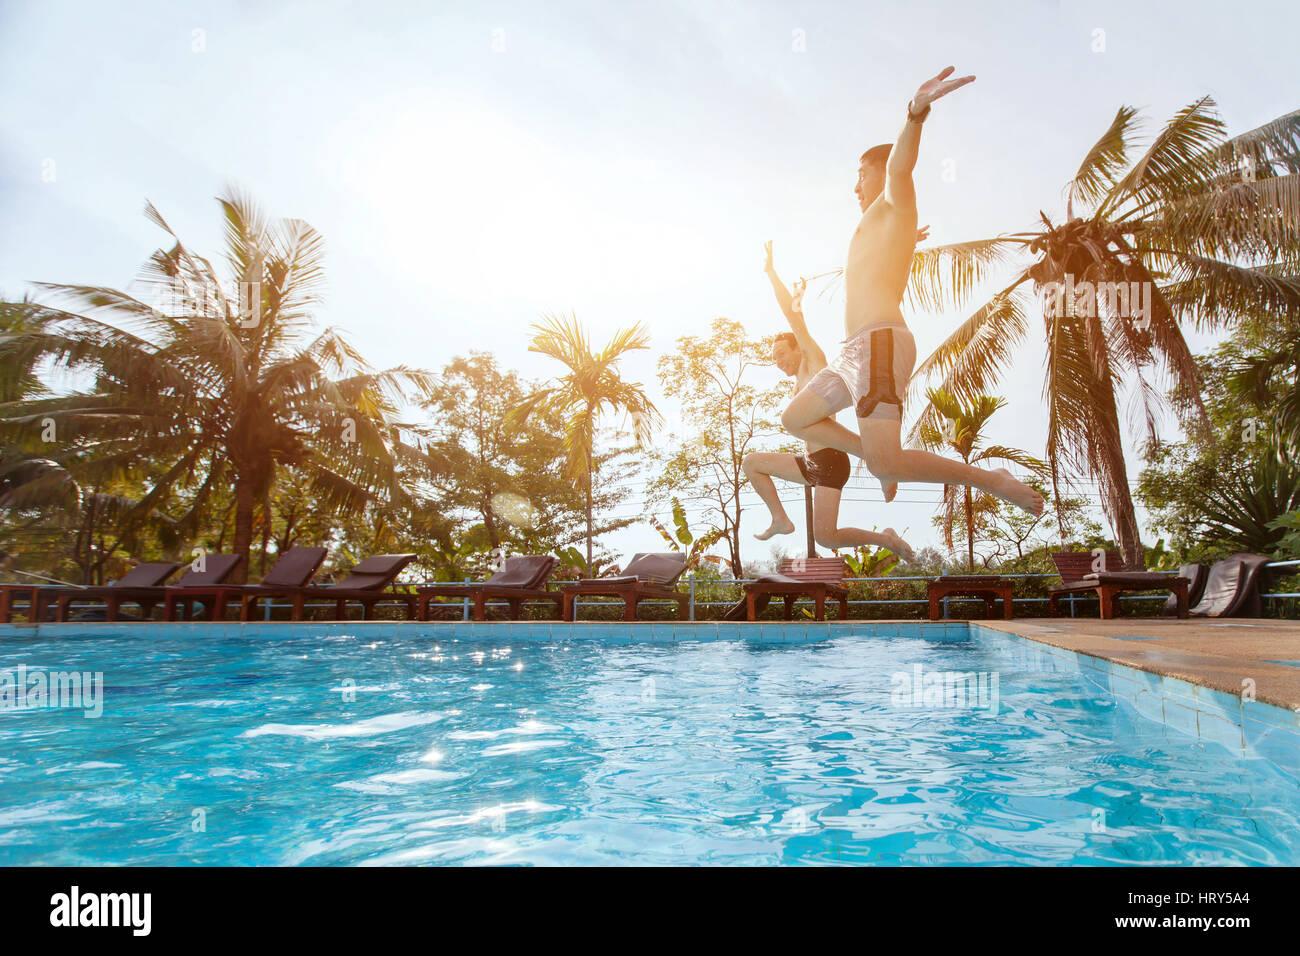 Persone che saltano alla piscina, spiaggia vacanze, amici divertendosi insieme Immagini Stock